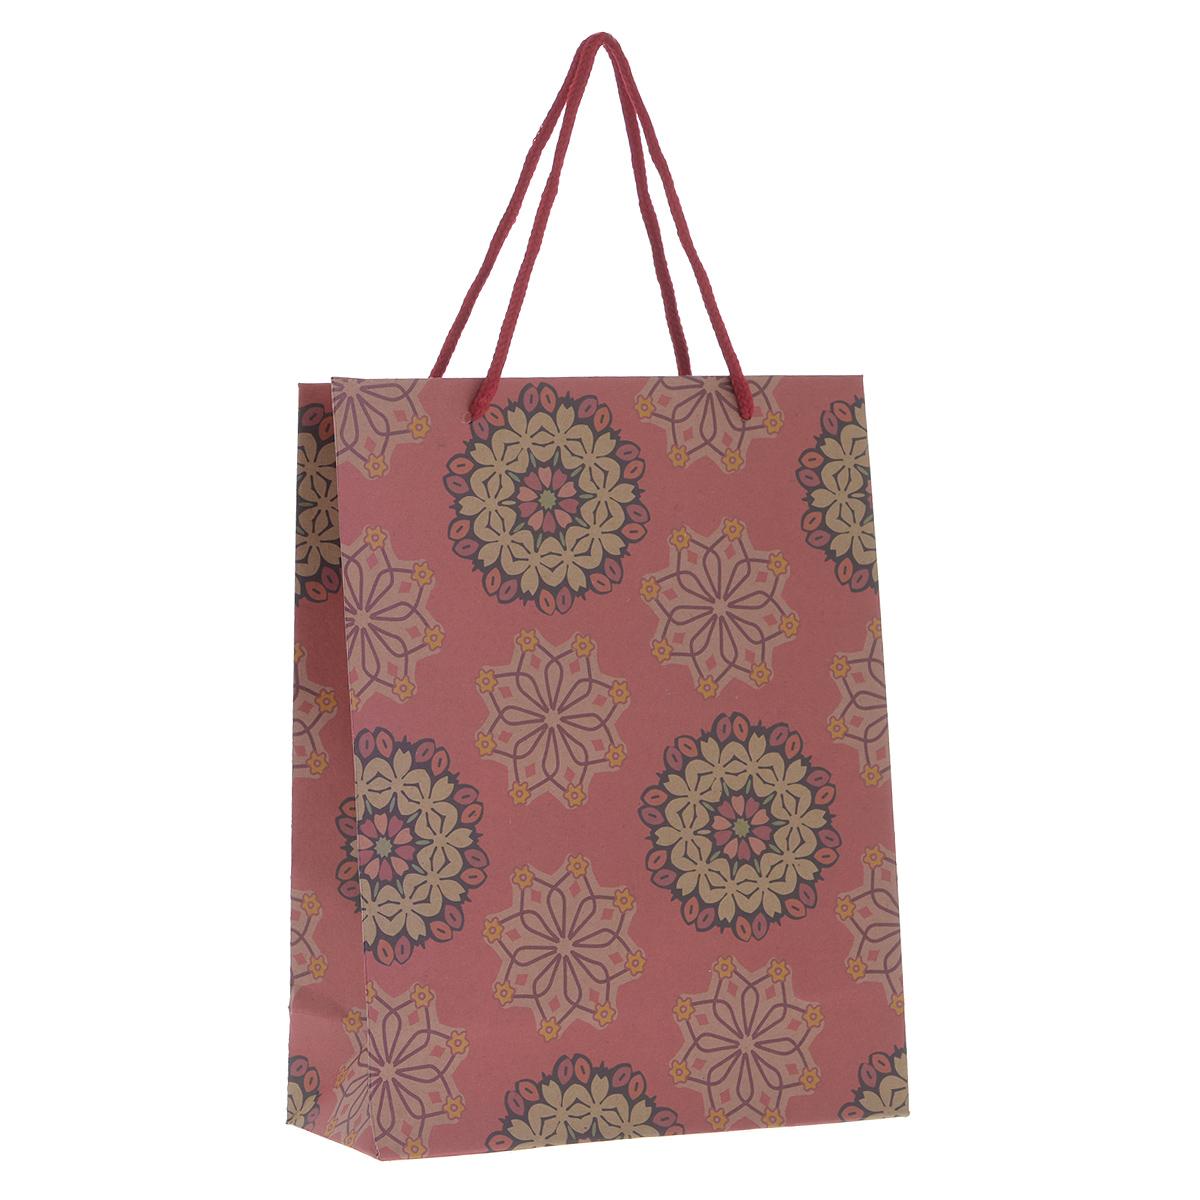 Пакет подарочный Розовые цветы, 19 см х 24,5 см х 8 см38876Подарочный пакет Розовые цветы, изготовленный из плотной бумаги, станет незаменимым дополнением к выбранному подарку. Дно изделия укреплено плотным картоном, который позволяет сохранить форму пакета и исключает возможность деформации дна под тяжестью подарка.Для удобной переноски на пакете имеются две ручки из шнурков.Подарок, преподнесенный в оригинальной упаковке, всегда будет самым эффектным и запоминающимся. Окружите близких людей вниманием и заботой, вручив презент в нарядном, праздничном оформлении.